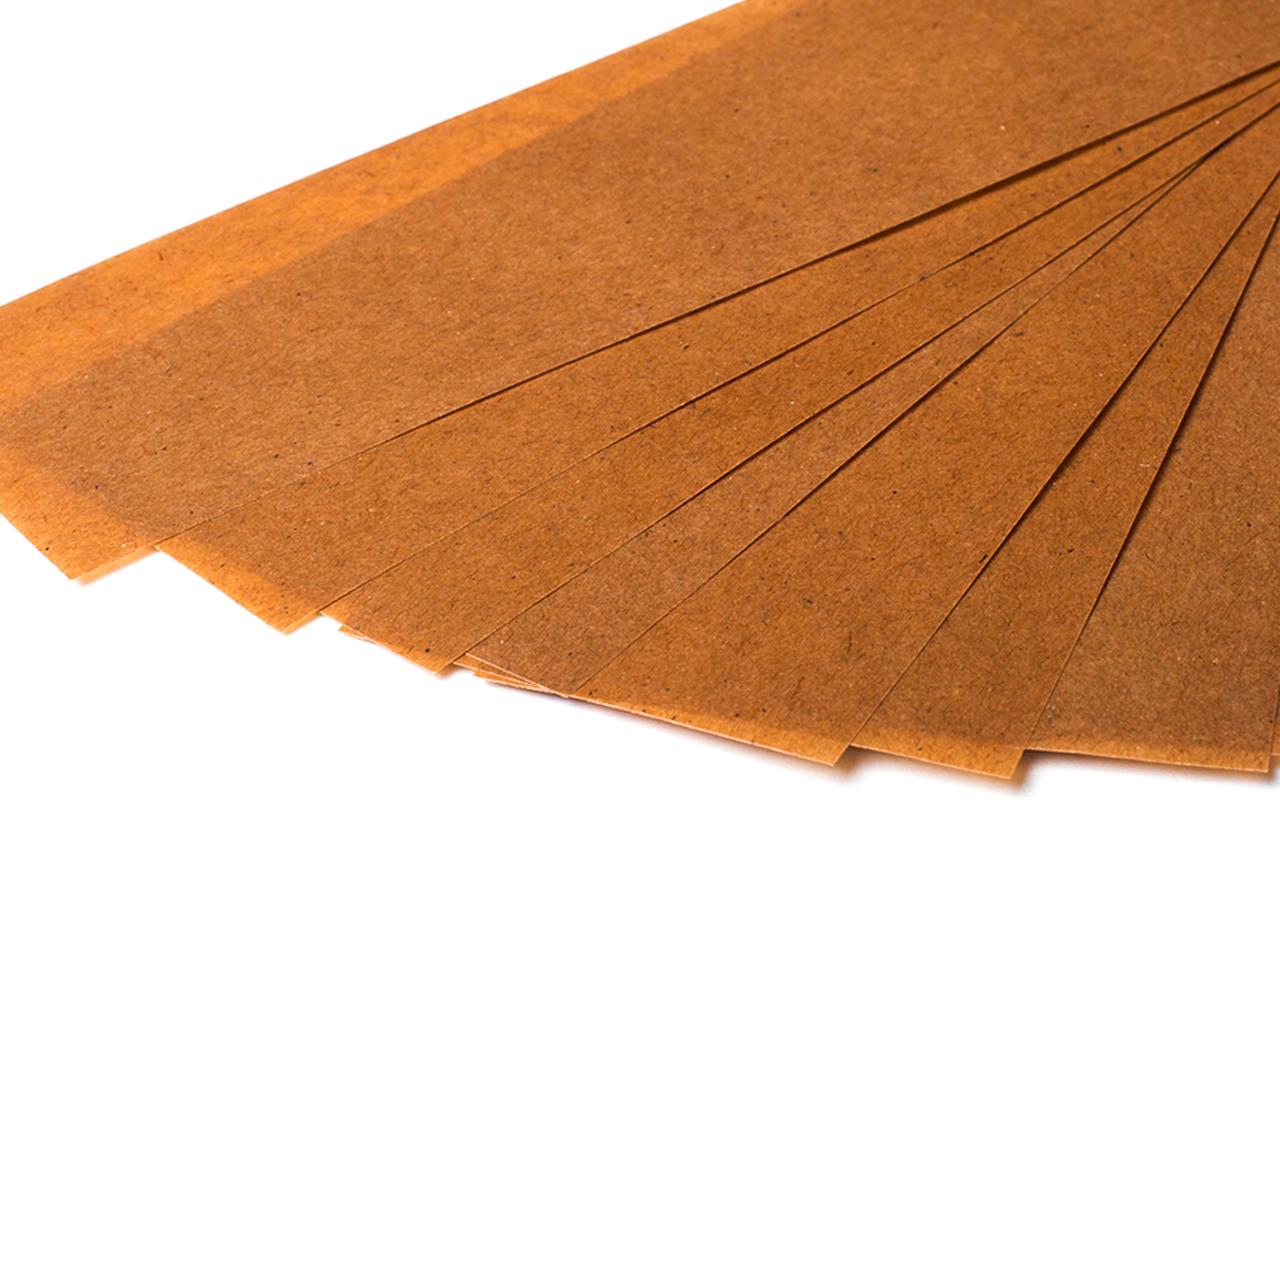 Ölpapier für Papierbohrer